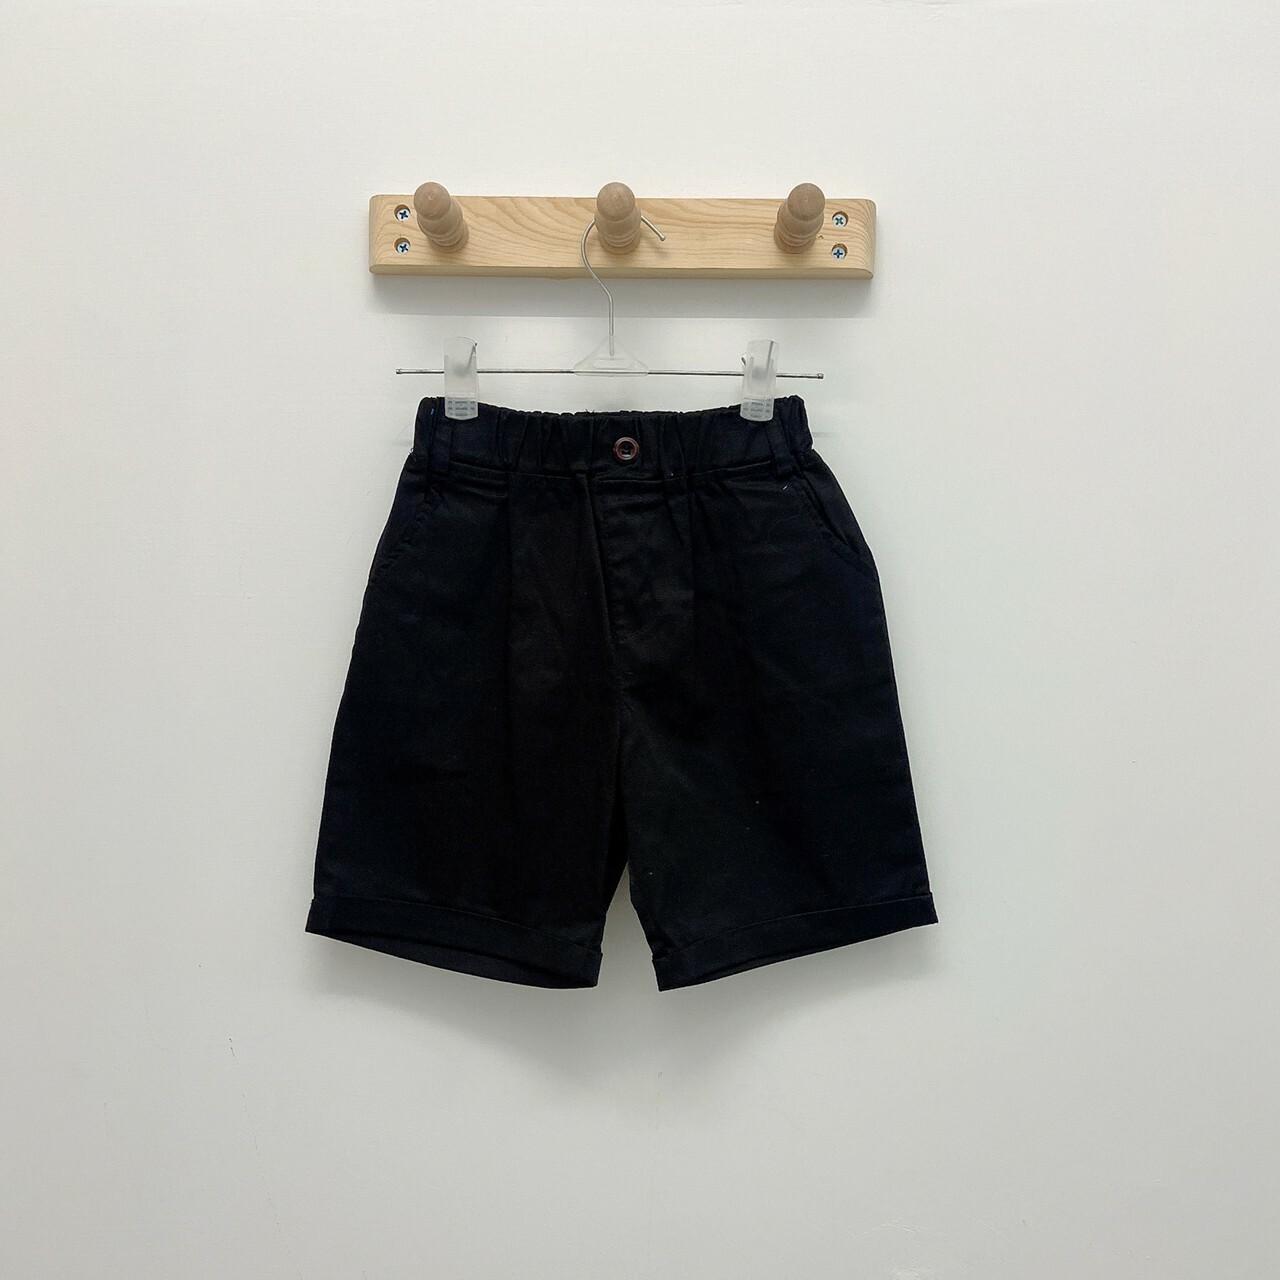 褲裙短 五~七分褲_210803_23.jpg